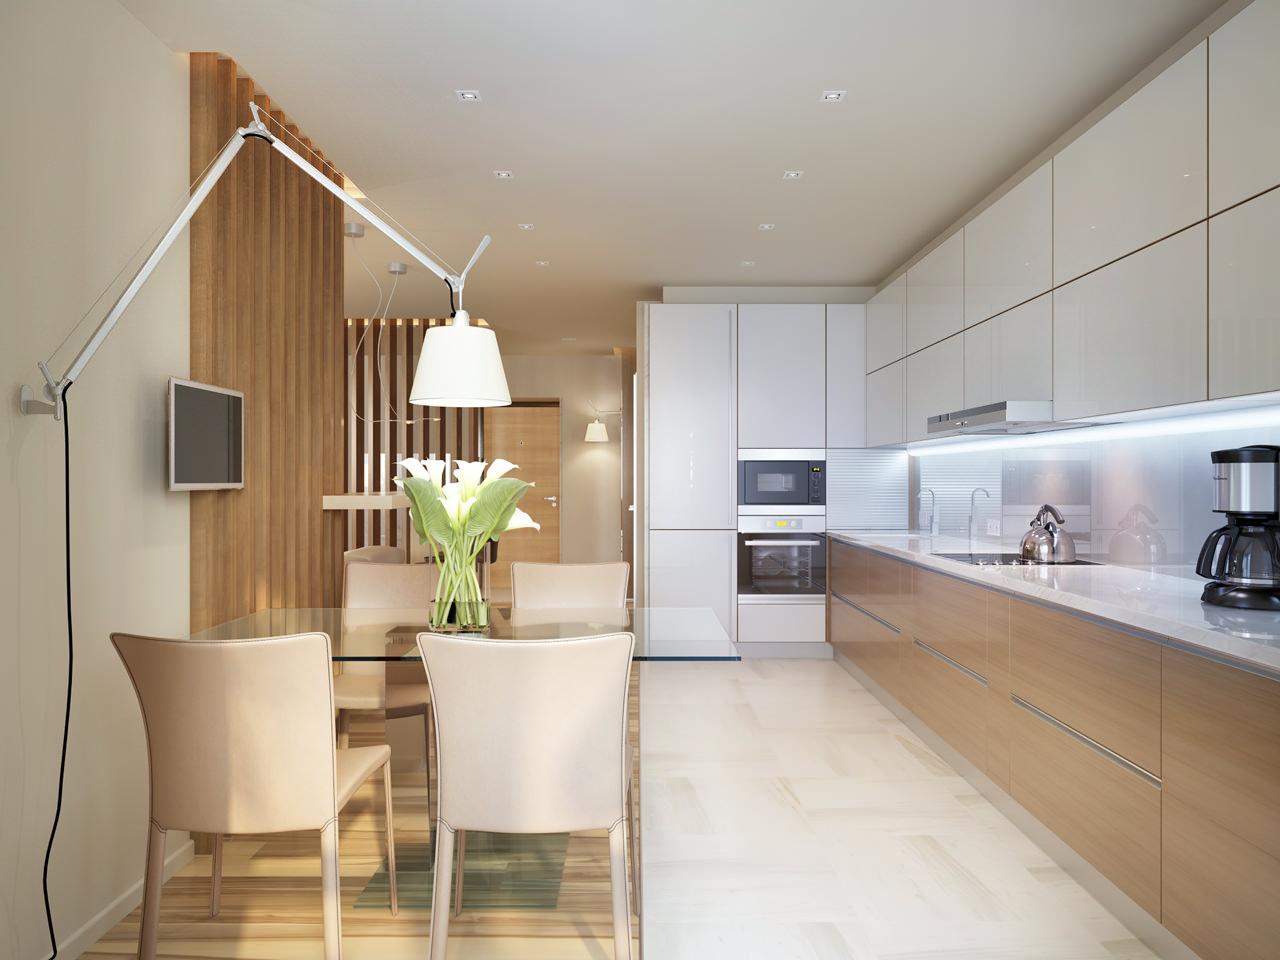 29-Modern-kitchen-diner